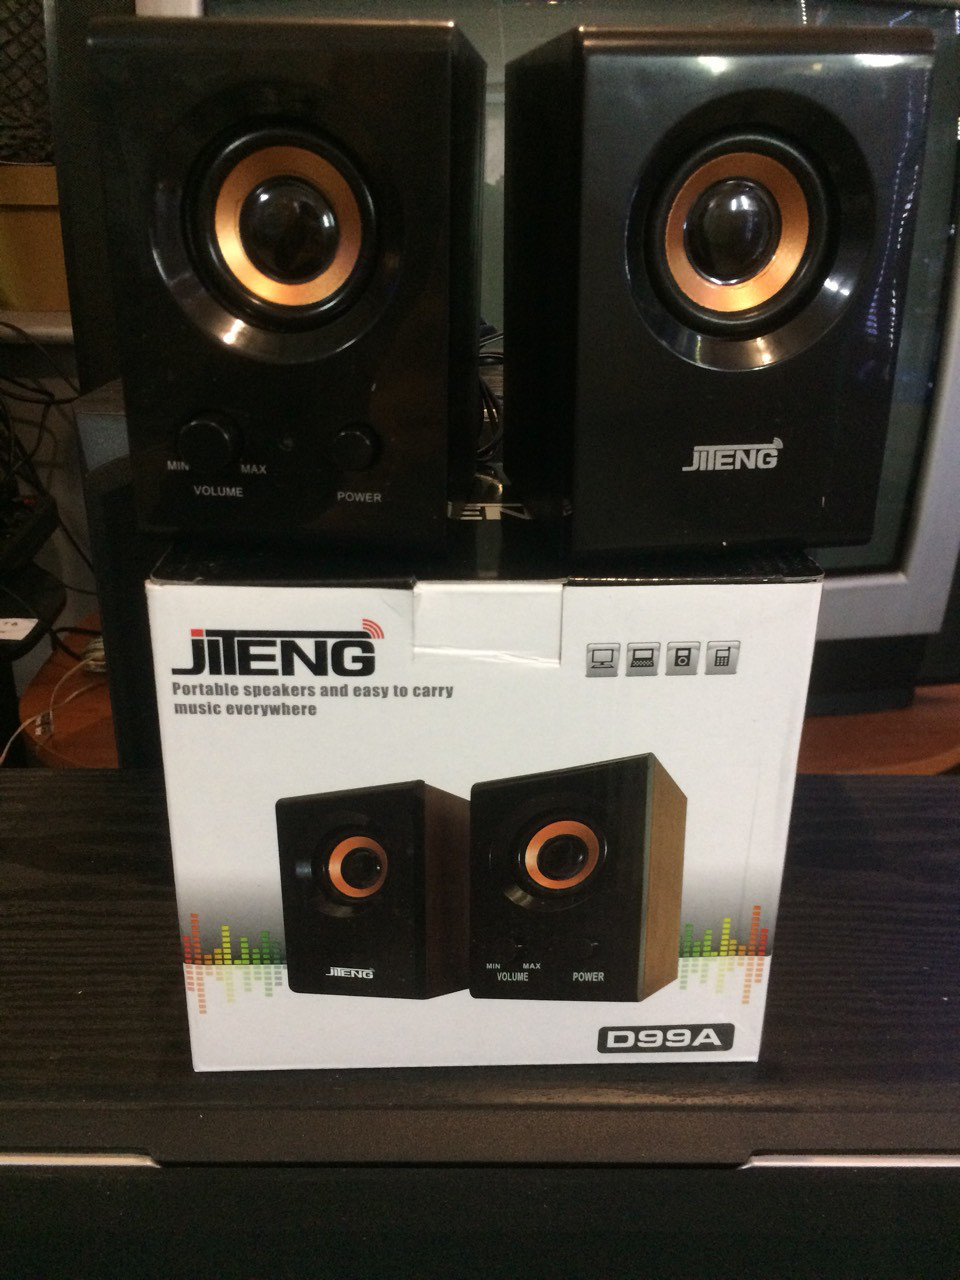 Компьютерные колонки Jiteng D99A